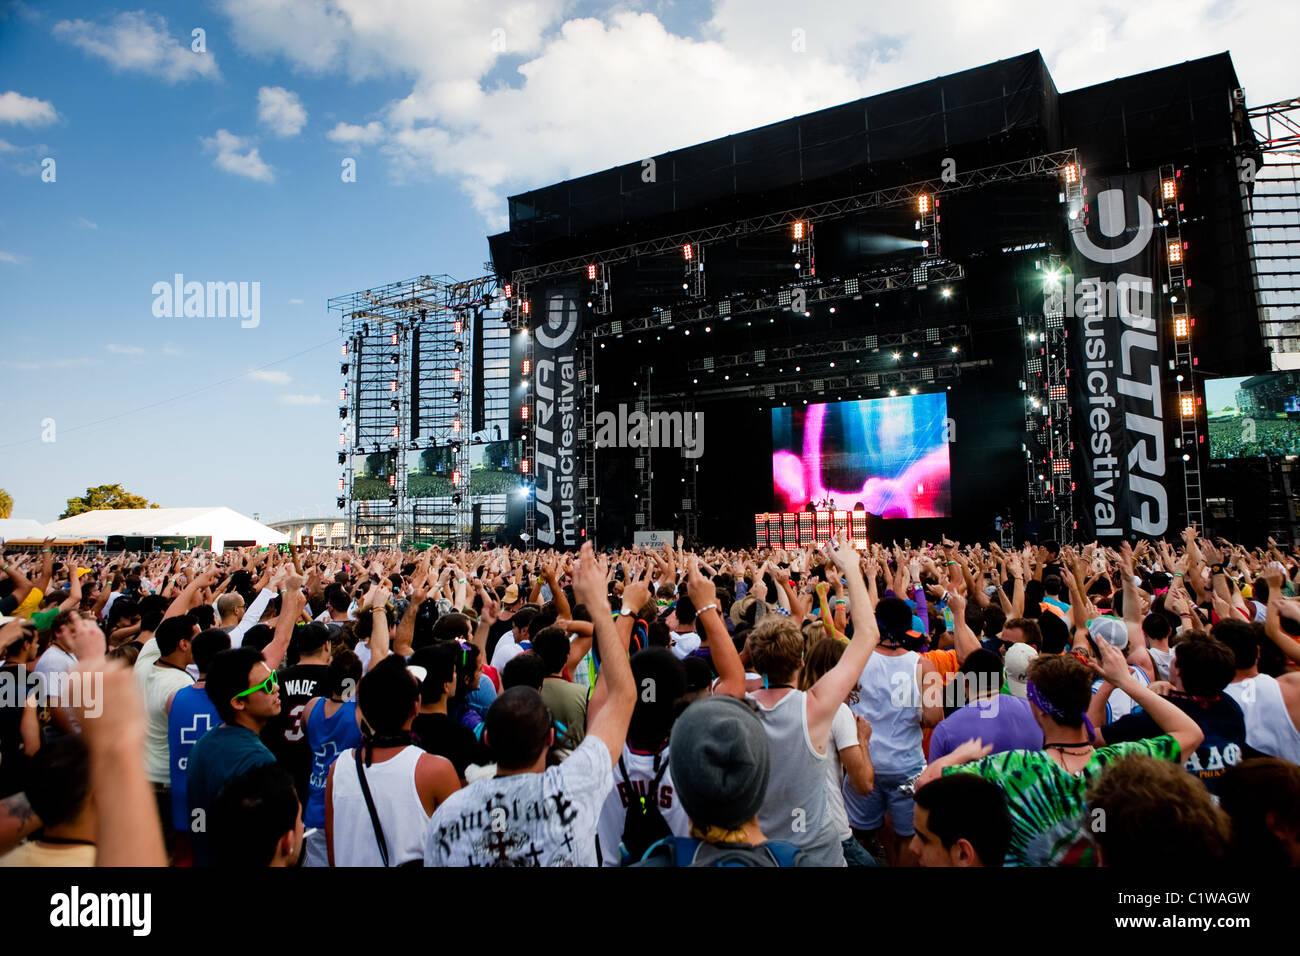 El escenario principal en el Ultra Music Festival en Miami, Florida, EE.UU., adoptado el 25 de marzo de 2011. Imagen De Stock